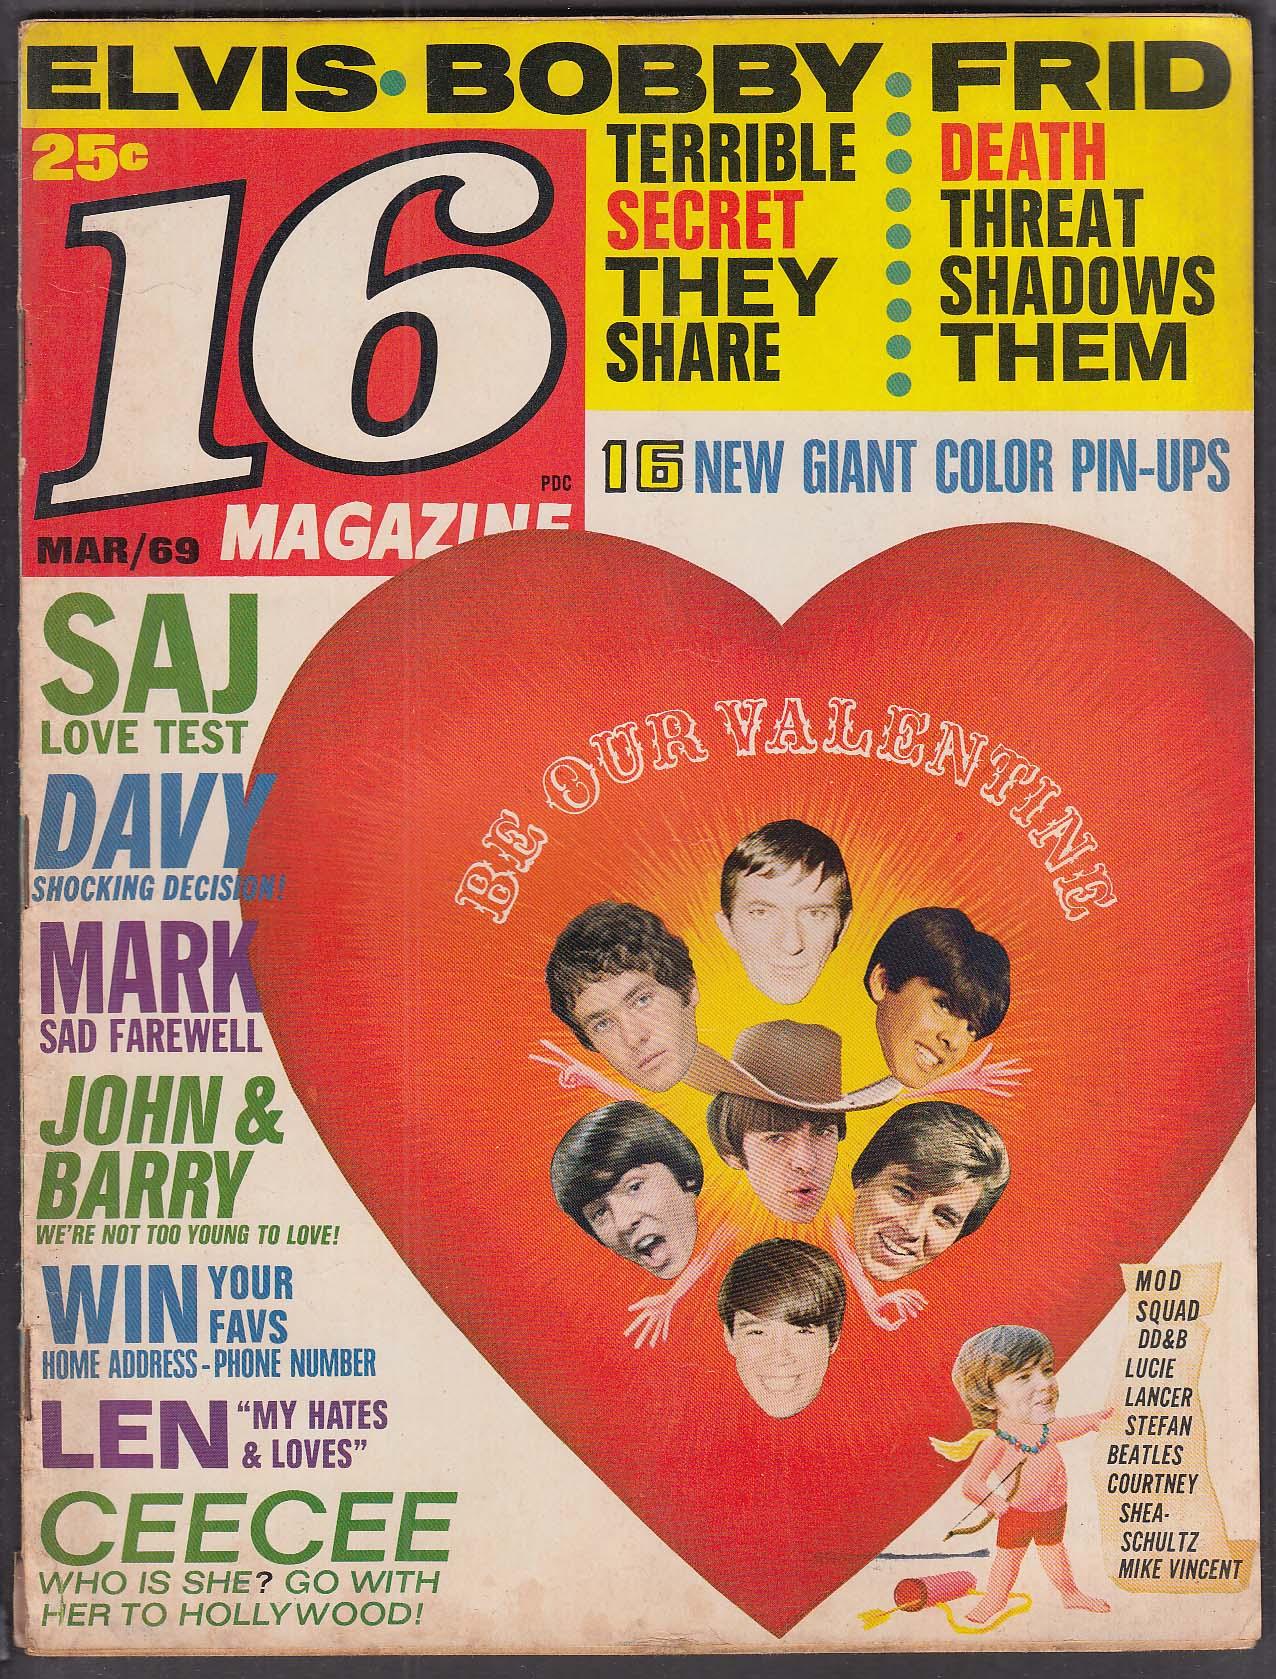 16 Elvis Bobby Sherman Frid Saj Davy Jones Monkees Beatles + 3 1969